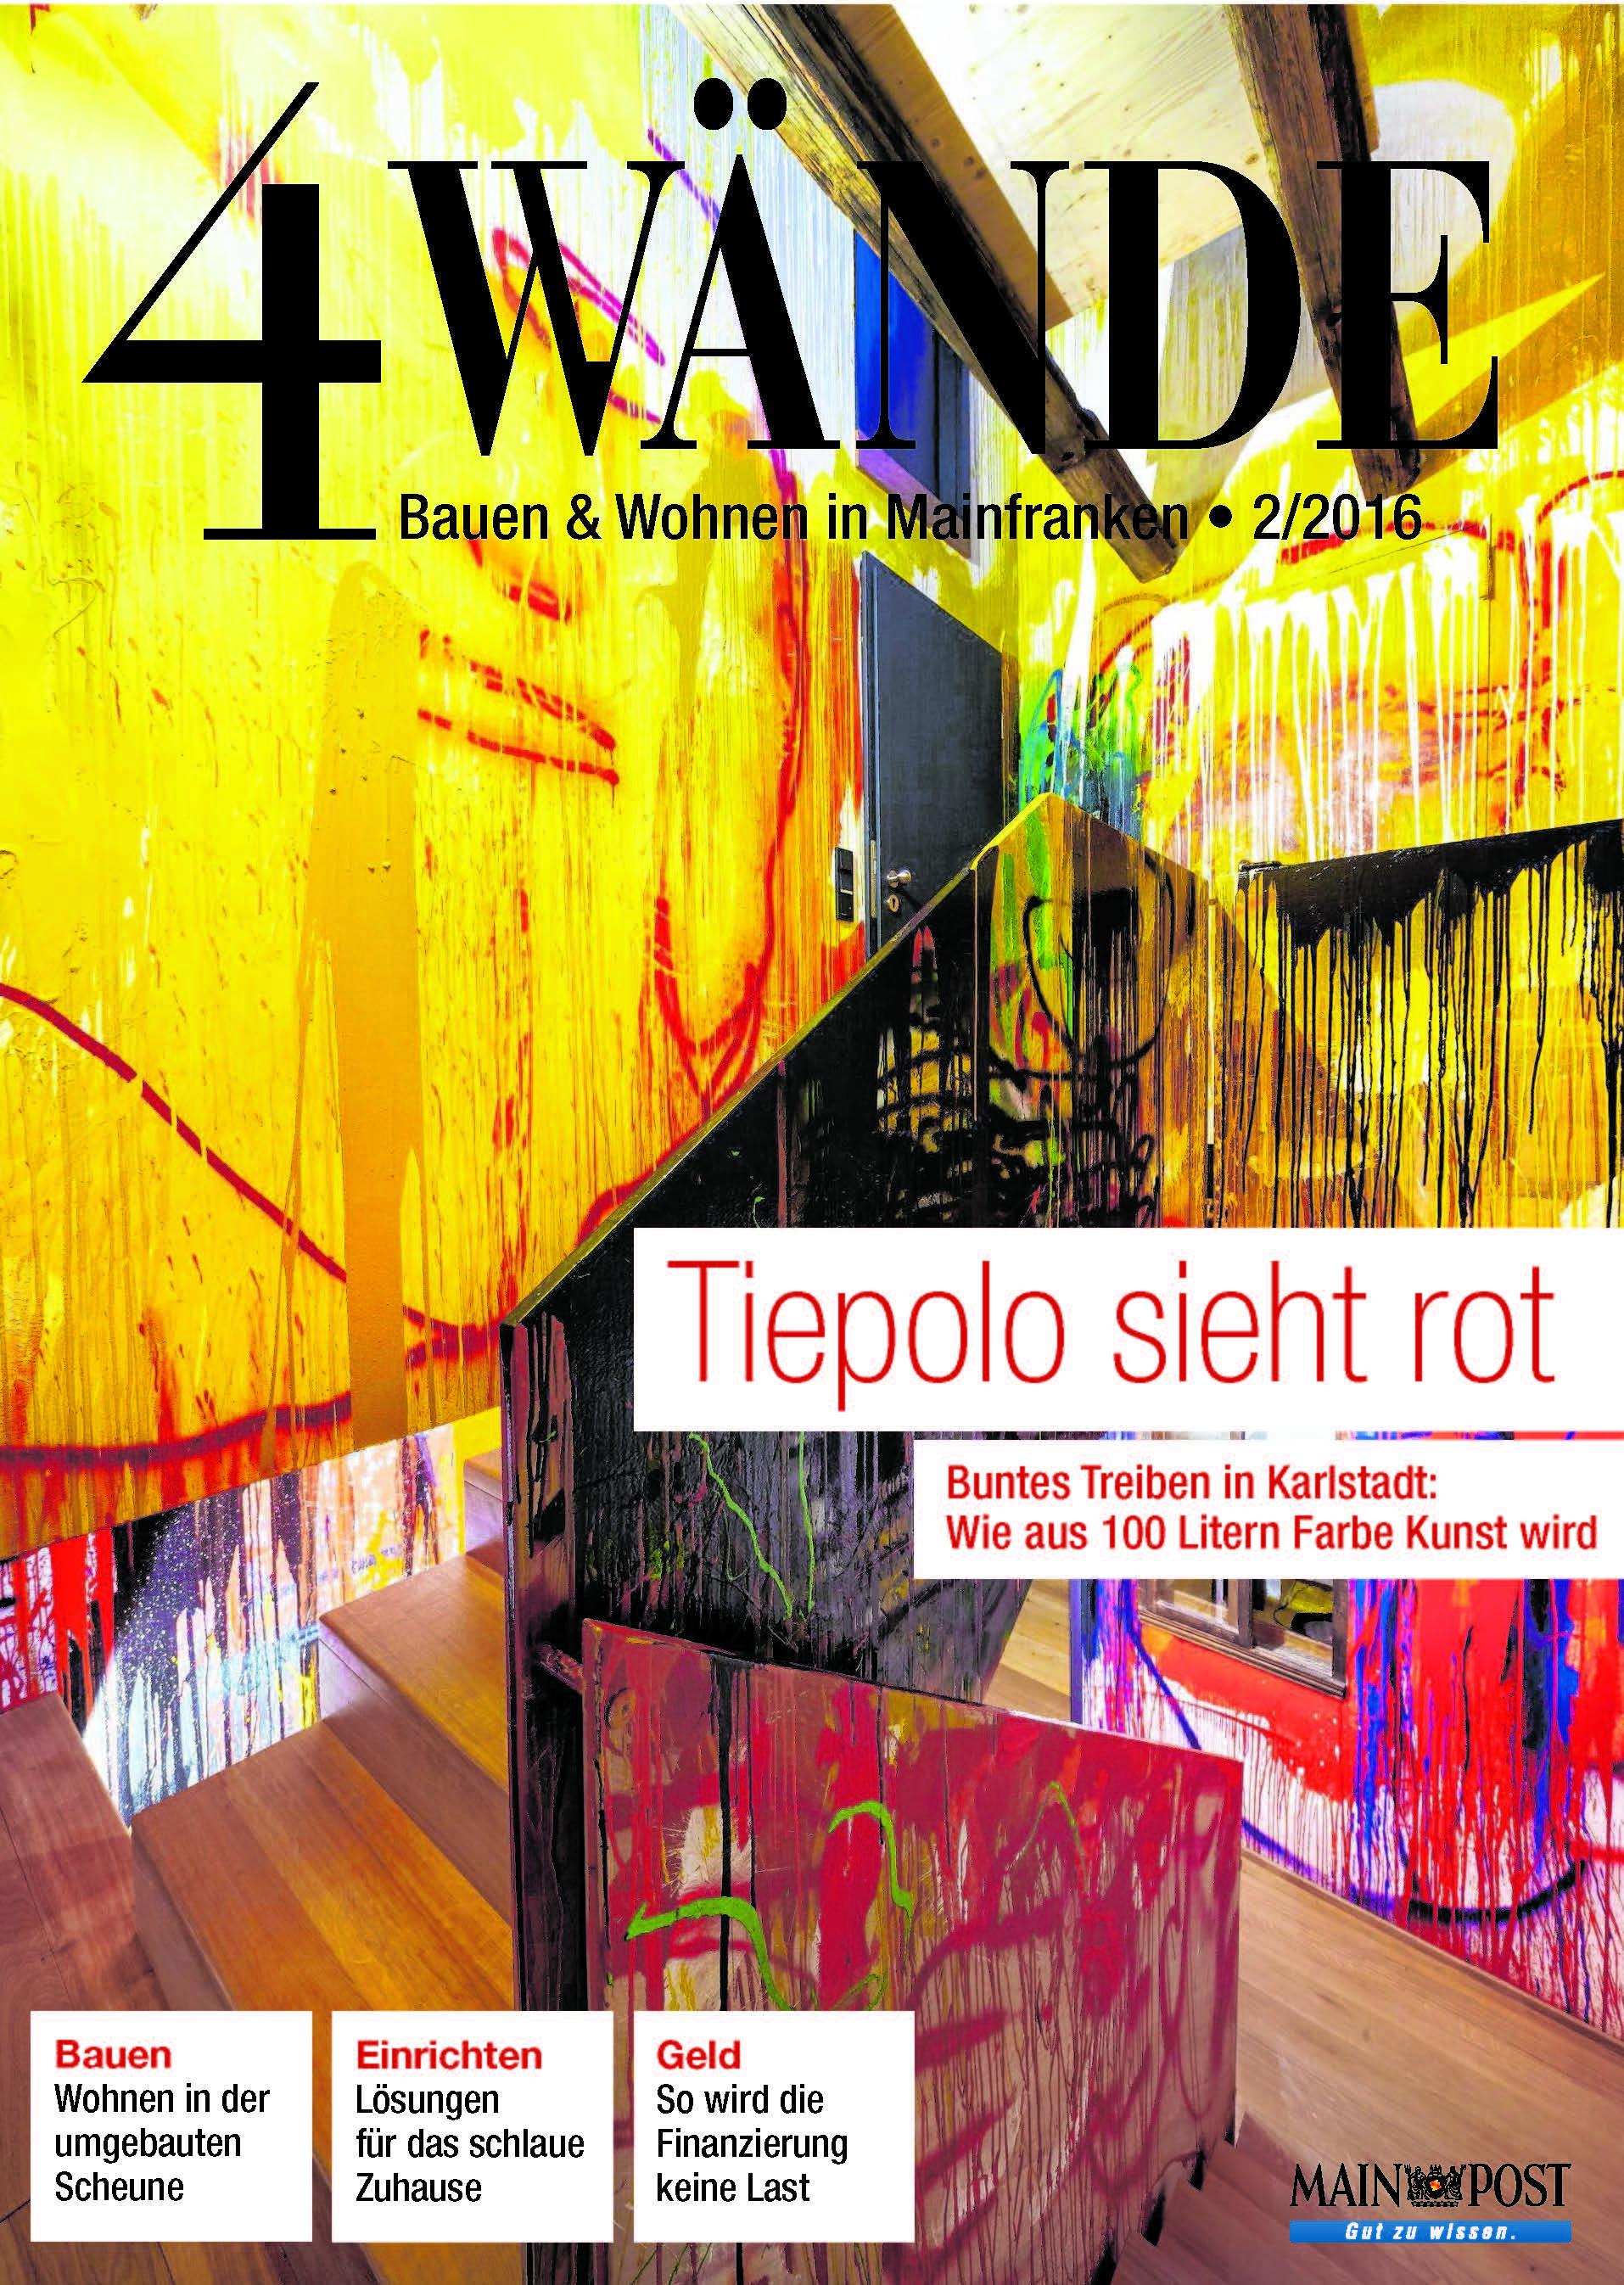 wand-12.05.16-001